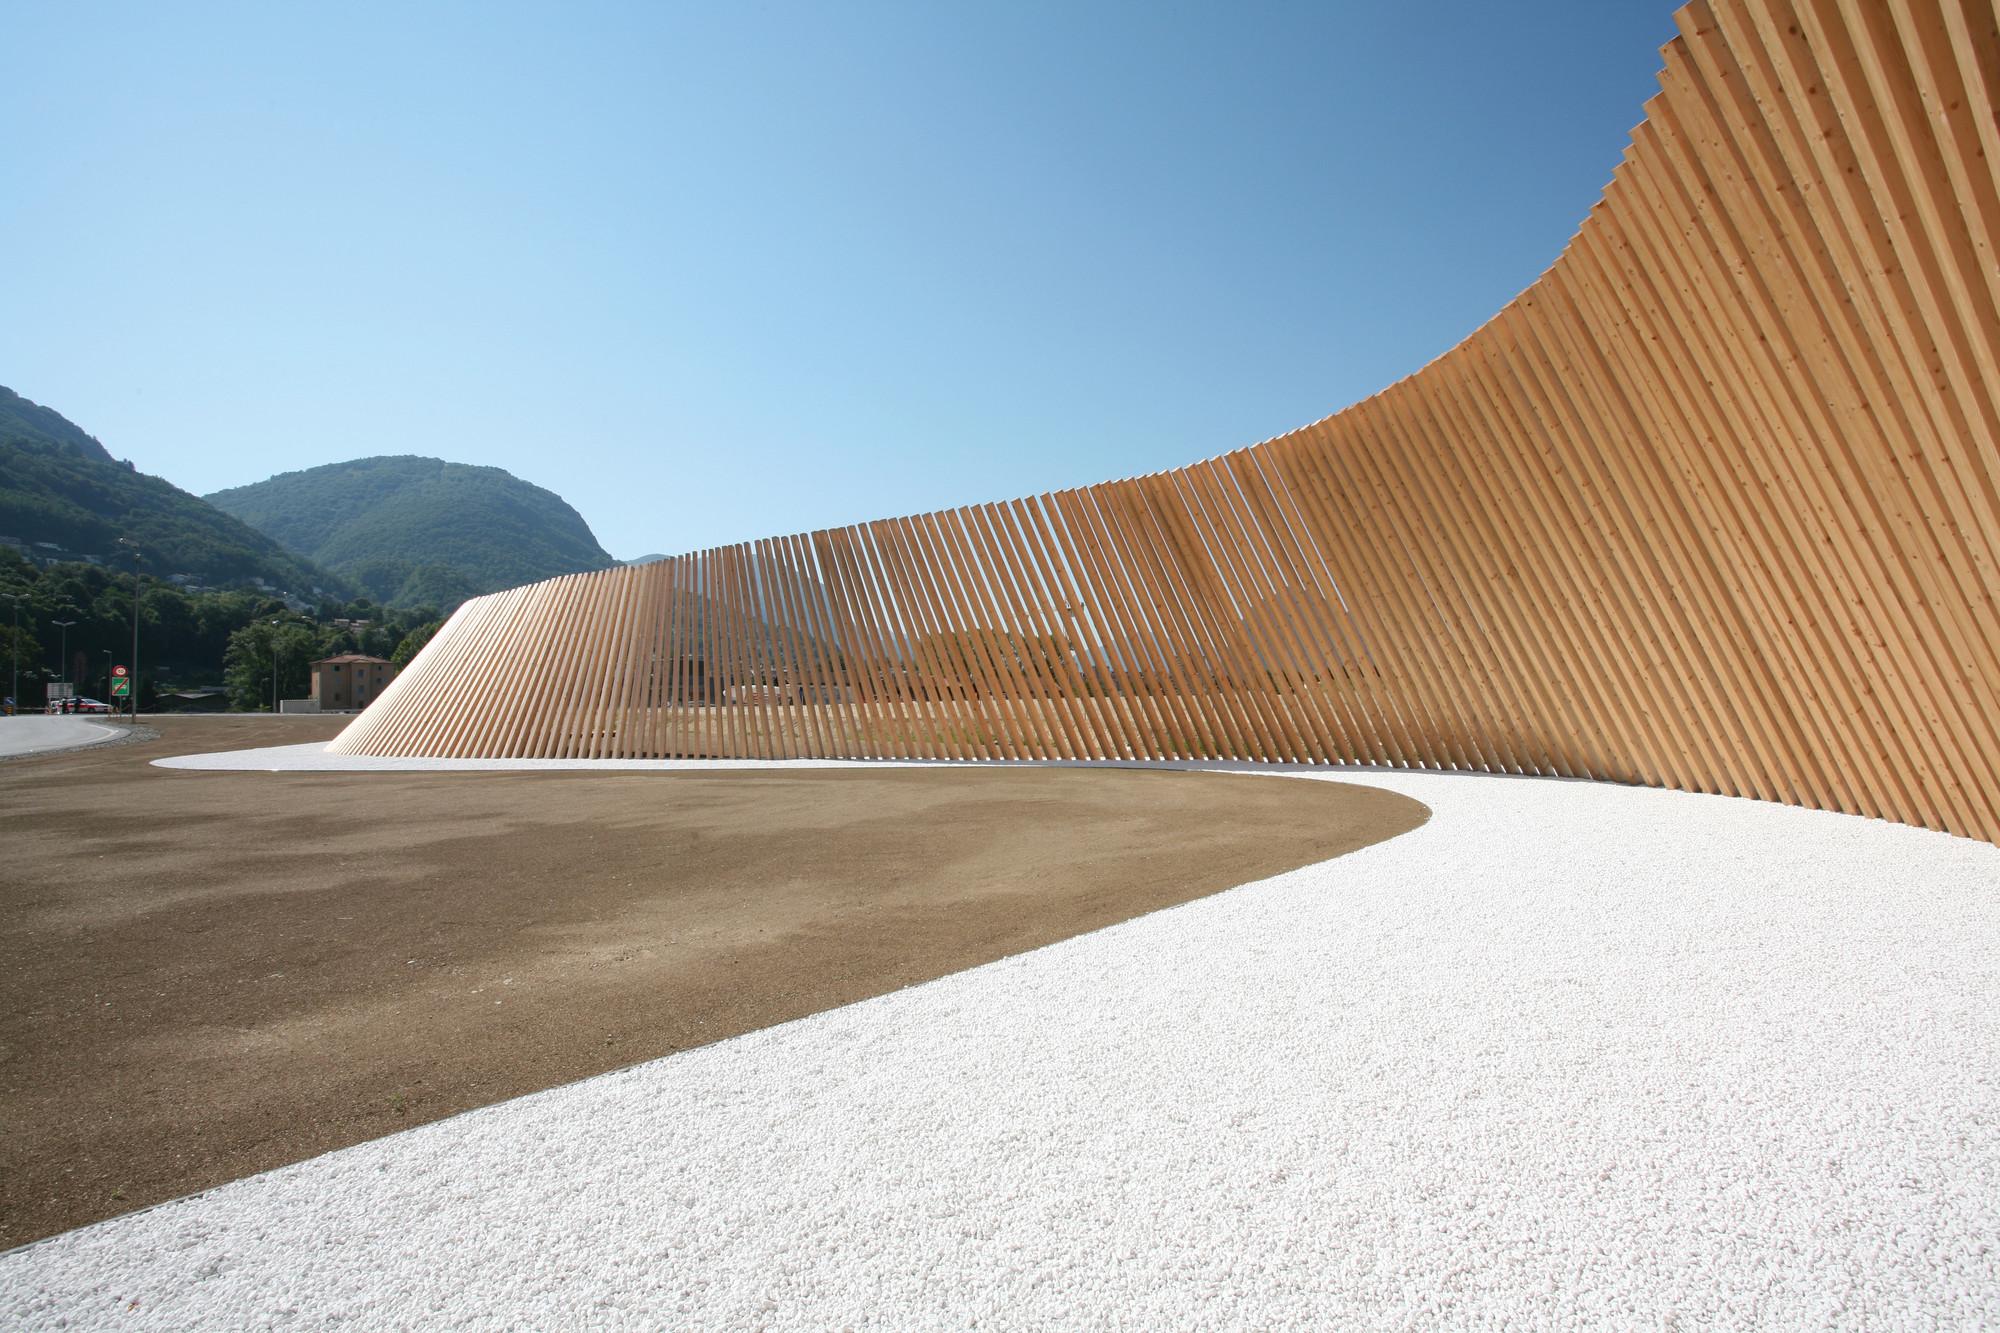 Vadeggio-Cassarate Gallery / Cino Zucchi Architetti, Courtesy of Cino Zucchi Architetti